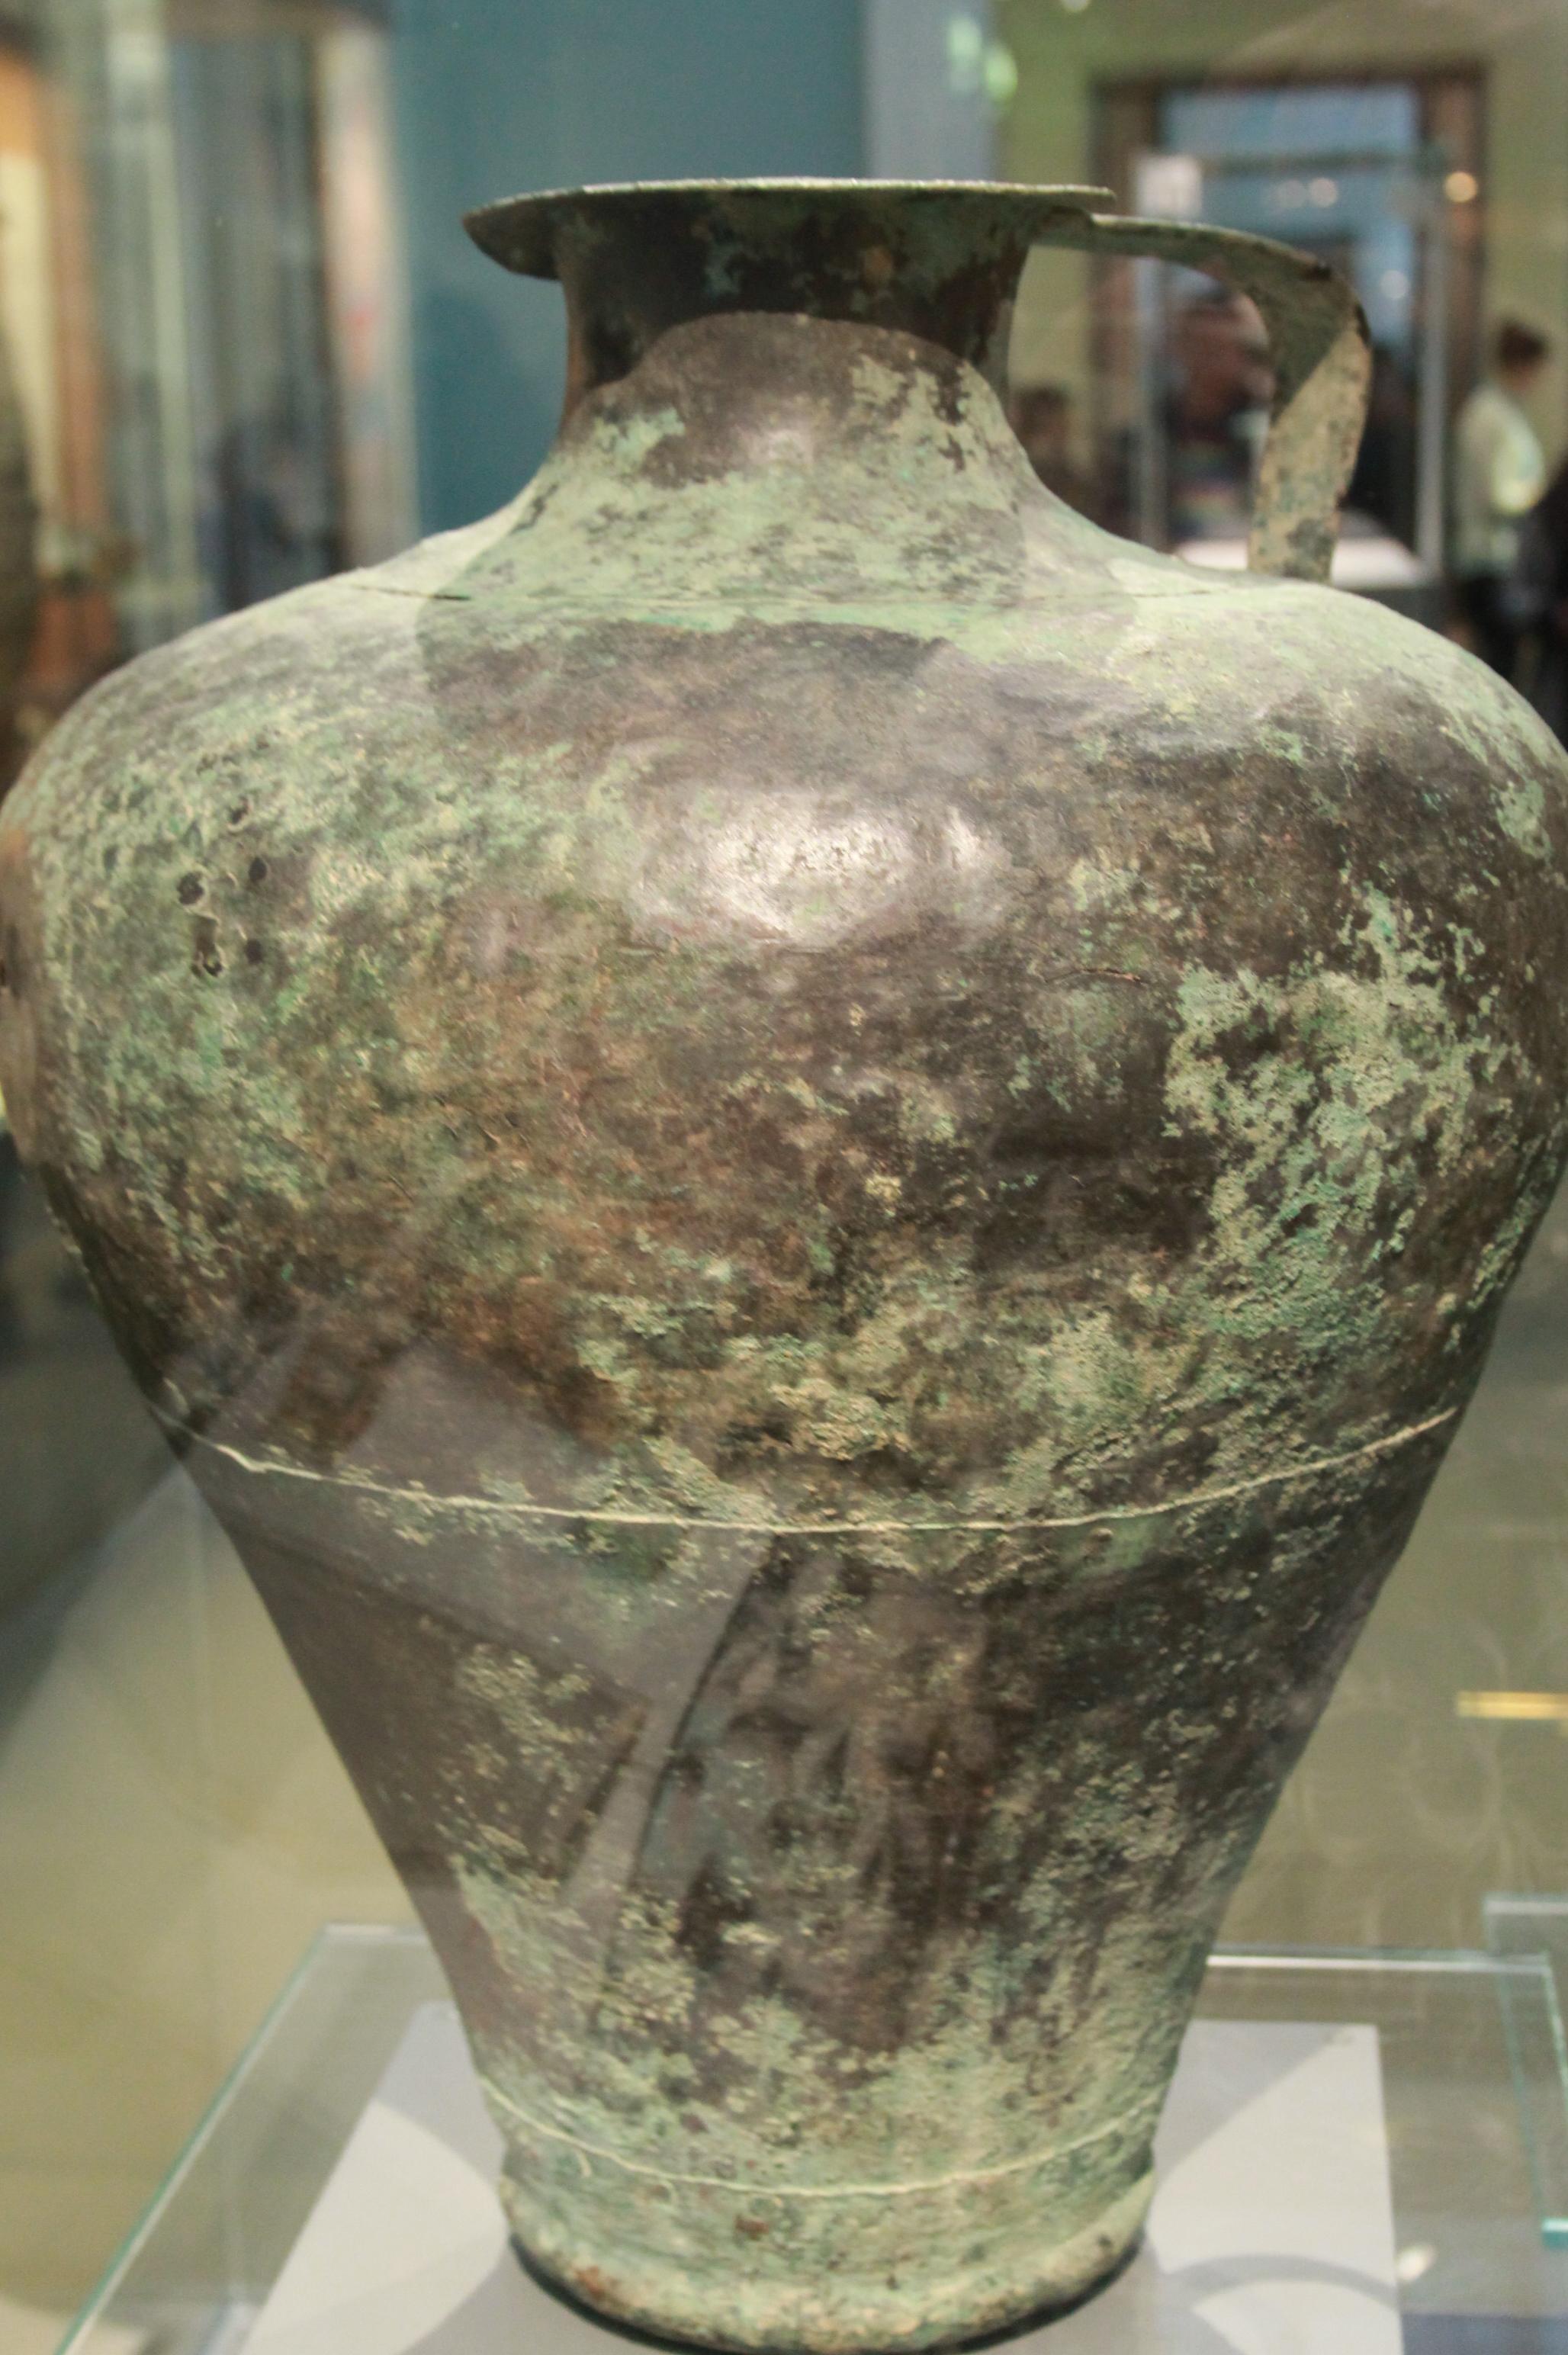 Big Ol' Vase